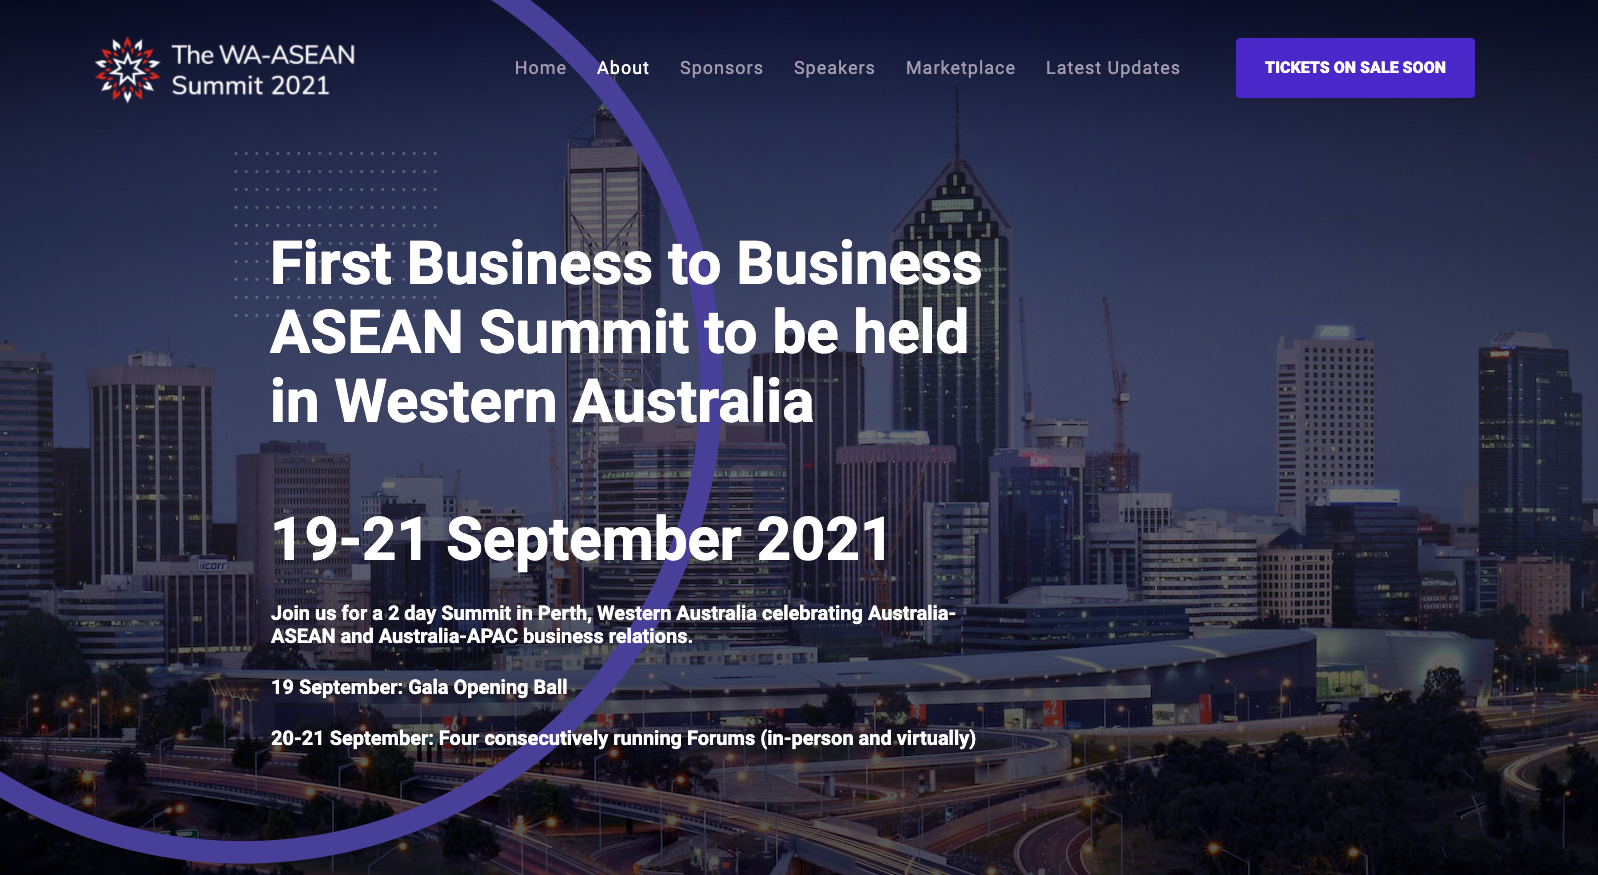 WA-ASEAN Summit